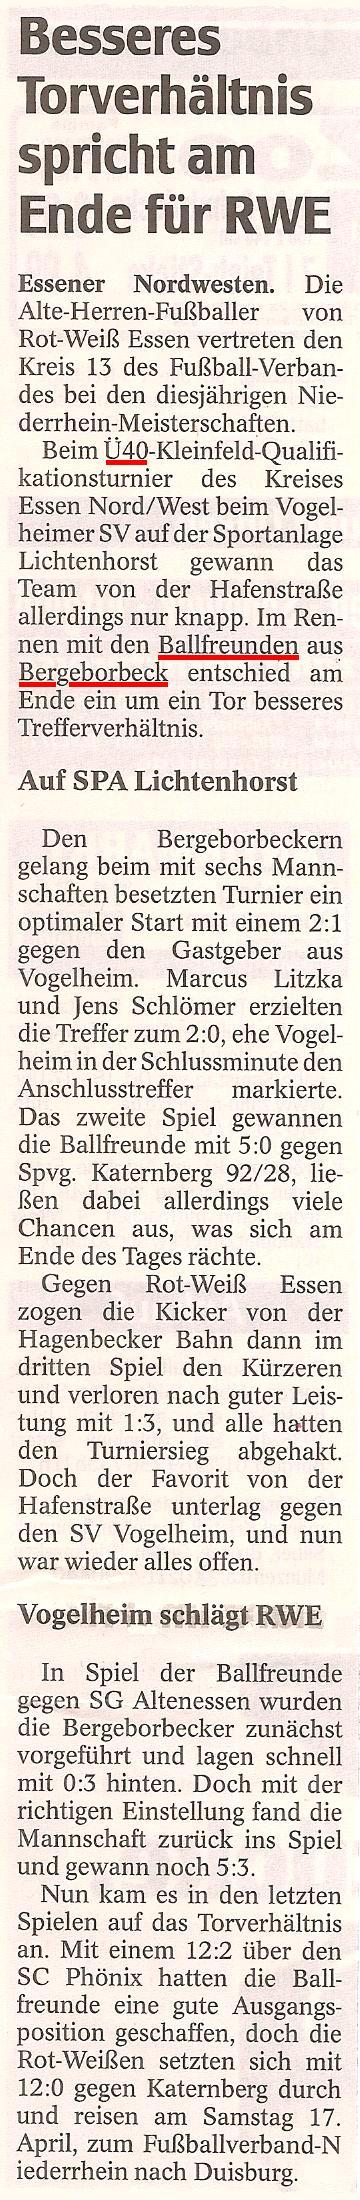 WAZ berichtet über Ballfreunde Alte Herren Ü40 Niederrhein Qualifikation